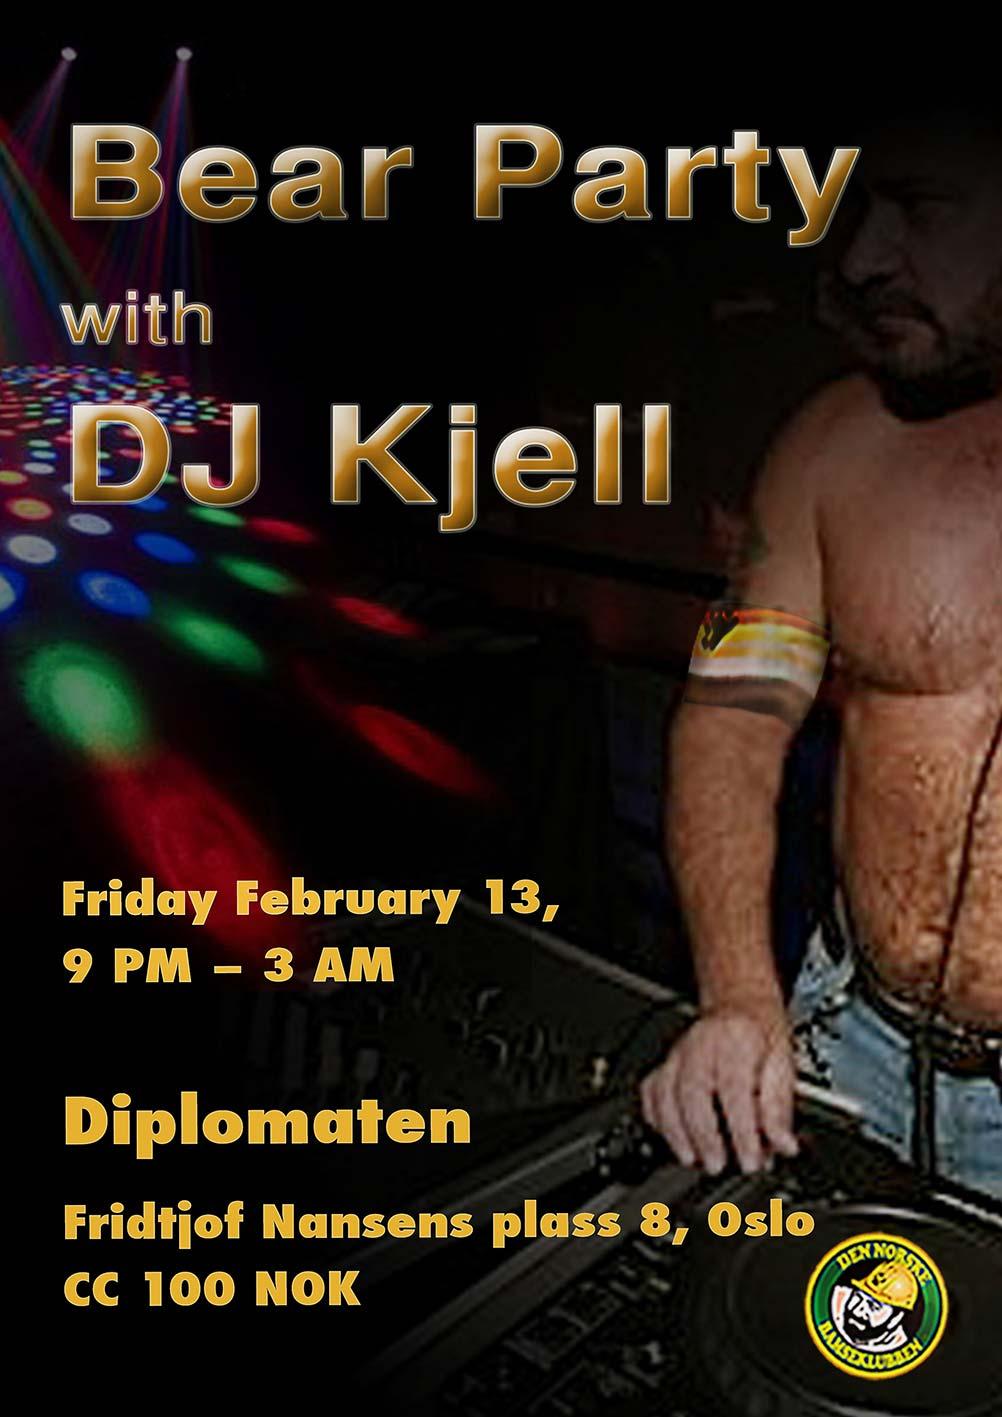 2015-02-Bear-party-DJ-KJELL-EN--portrait